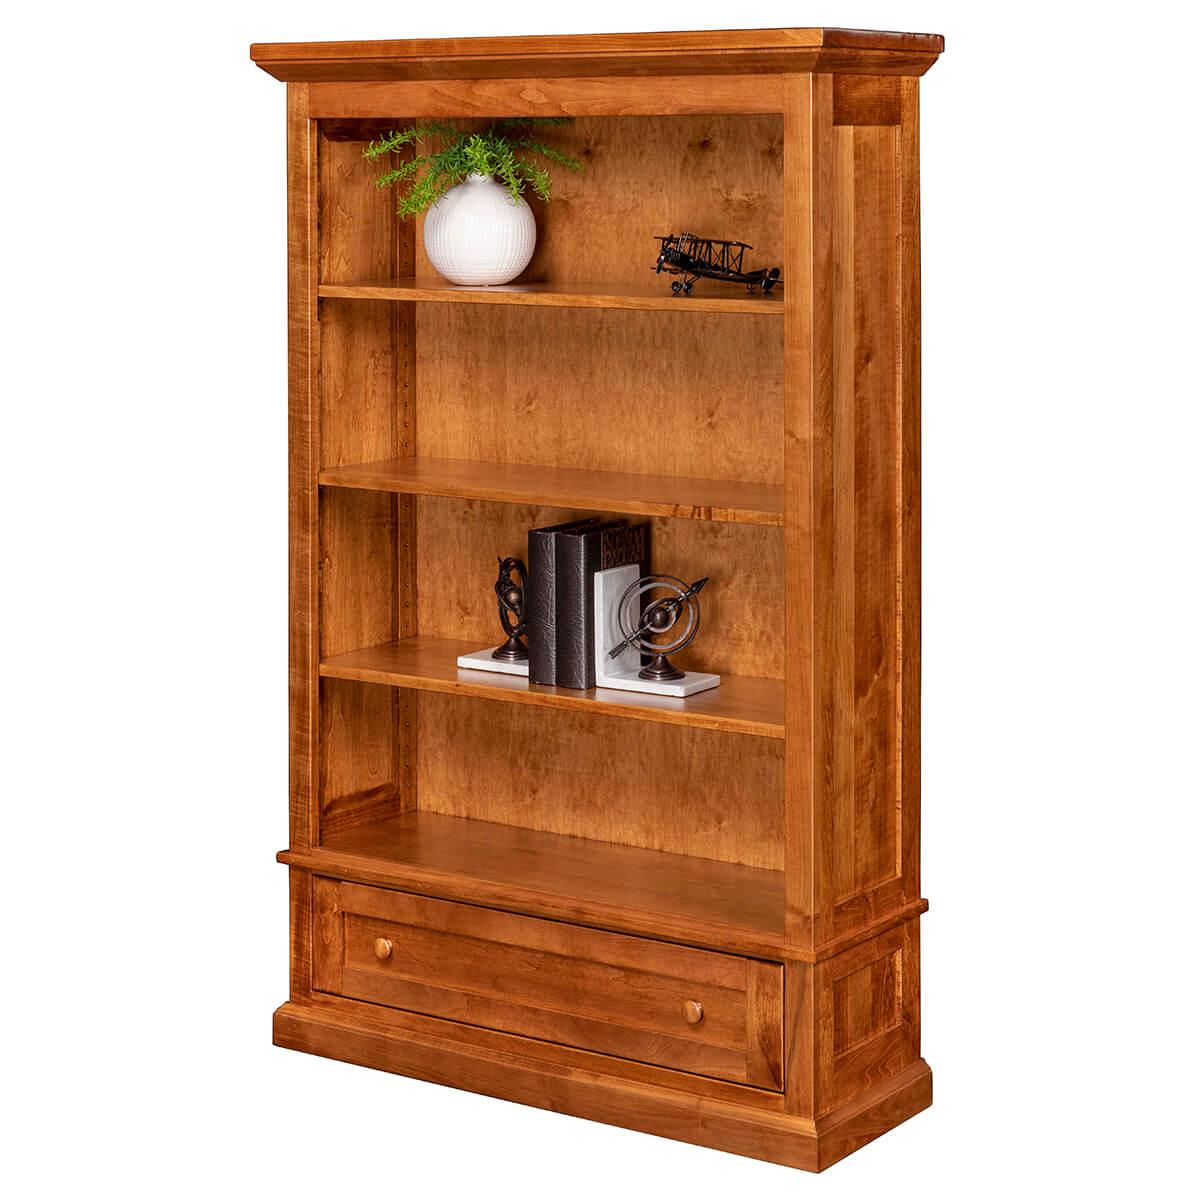 lr bookshelves